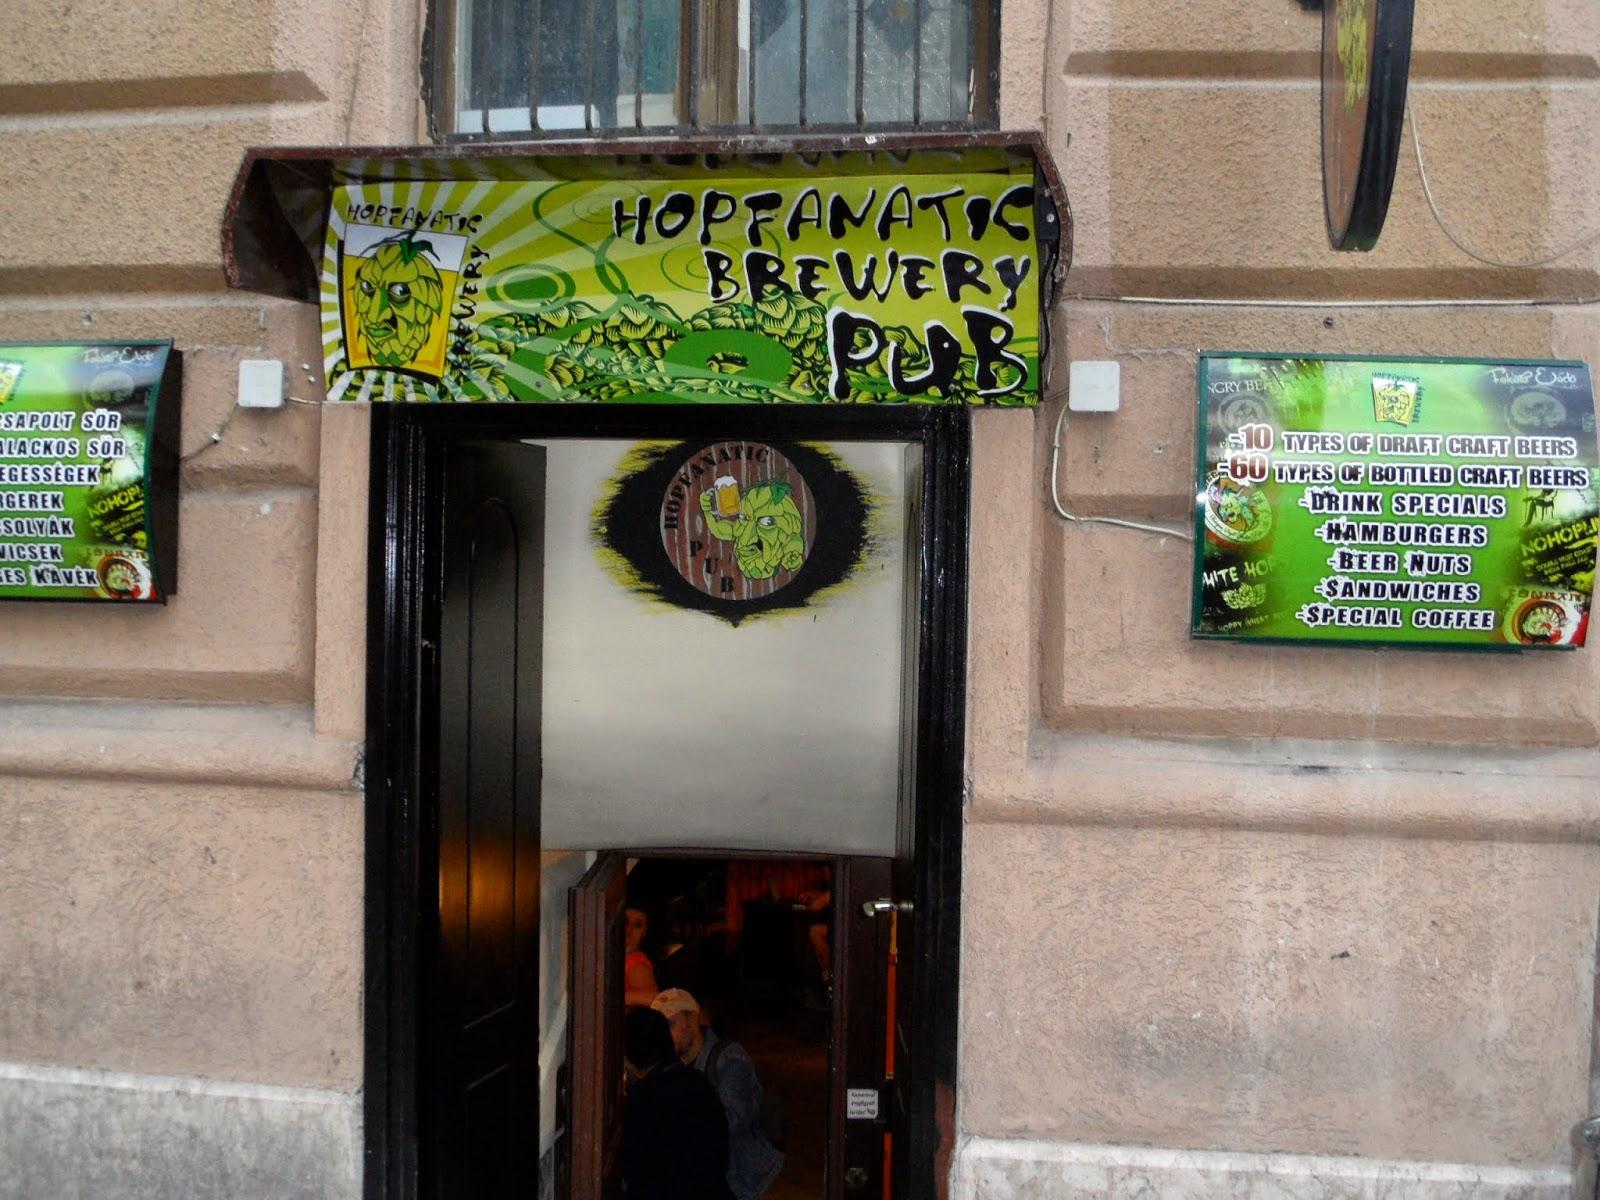 hopfanatic.JPG